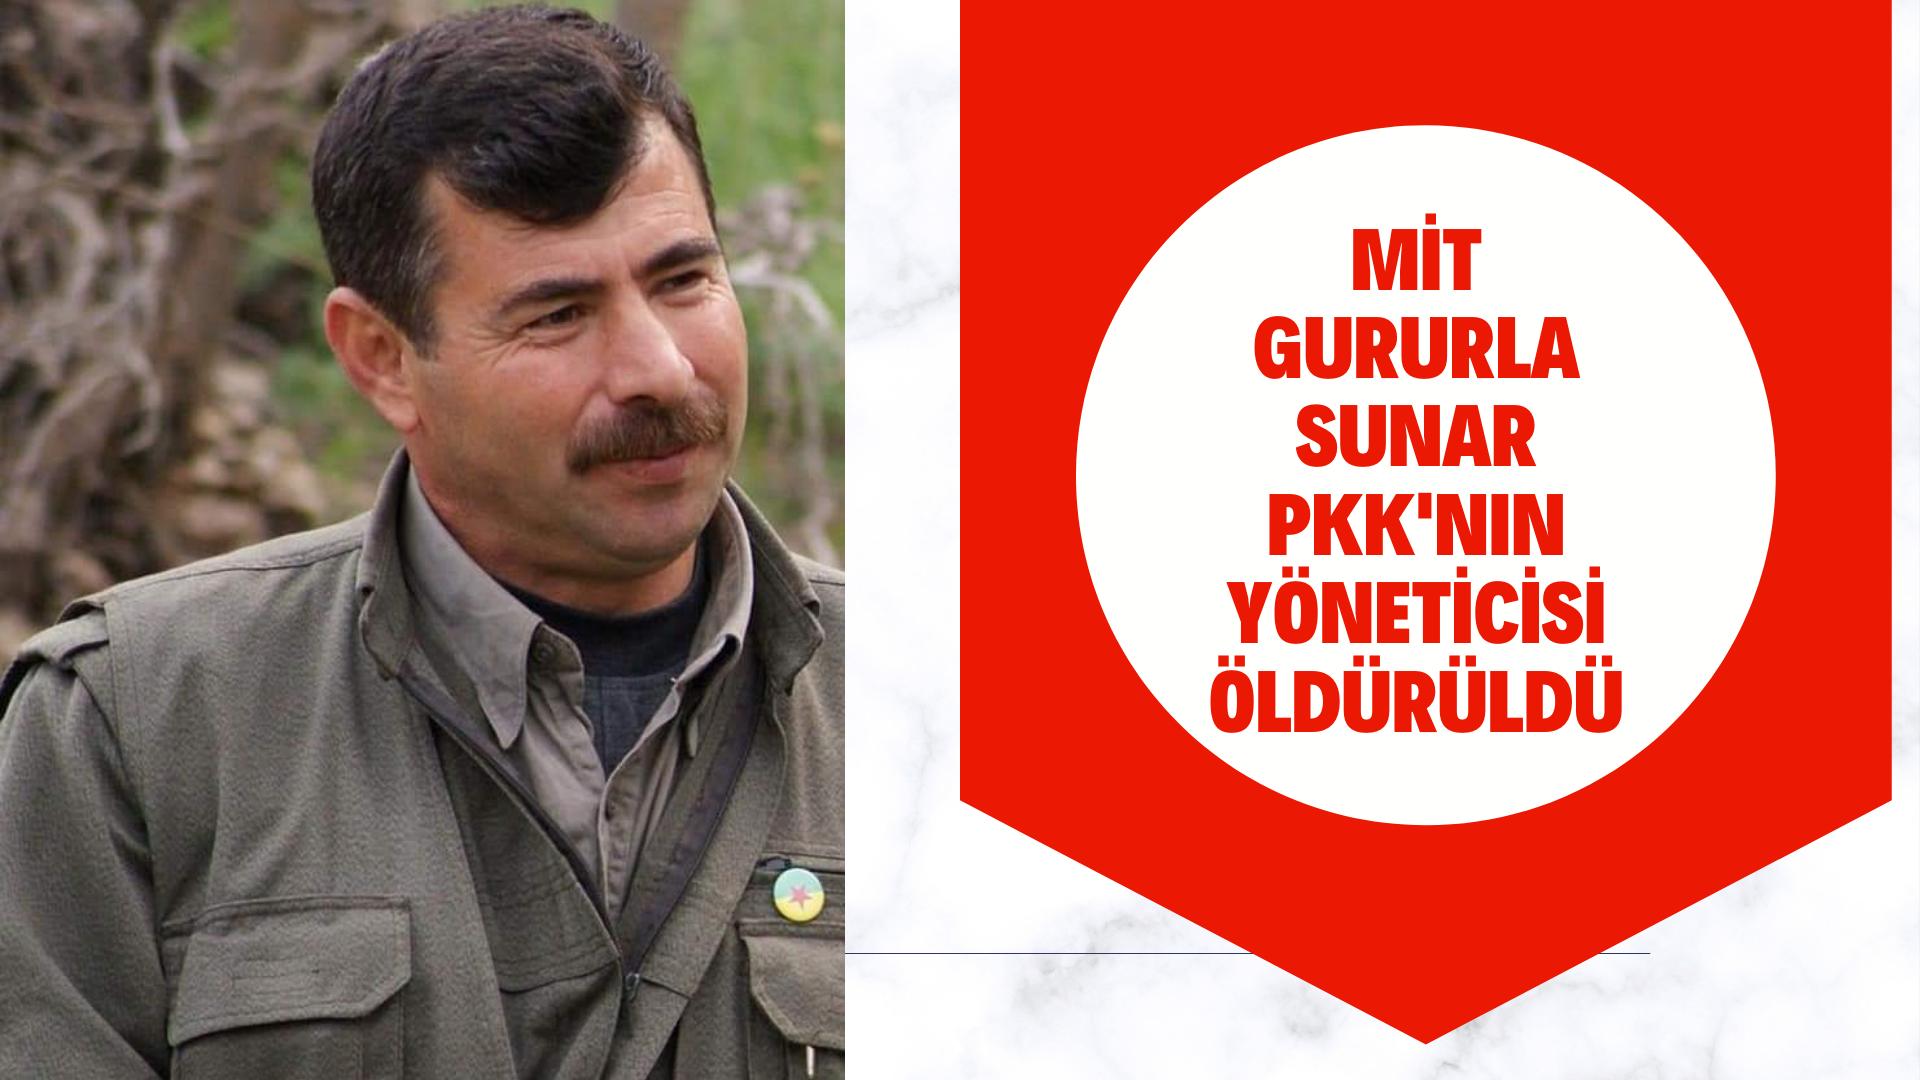 Son Dakika PKK'nın üst düzey yöneticisi öldürüldü